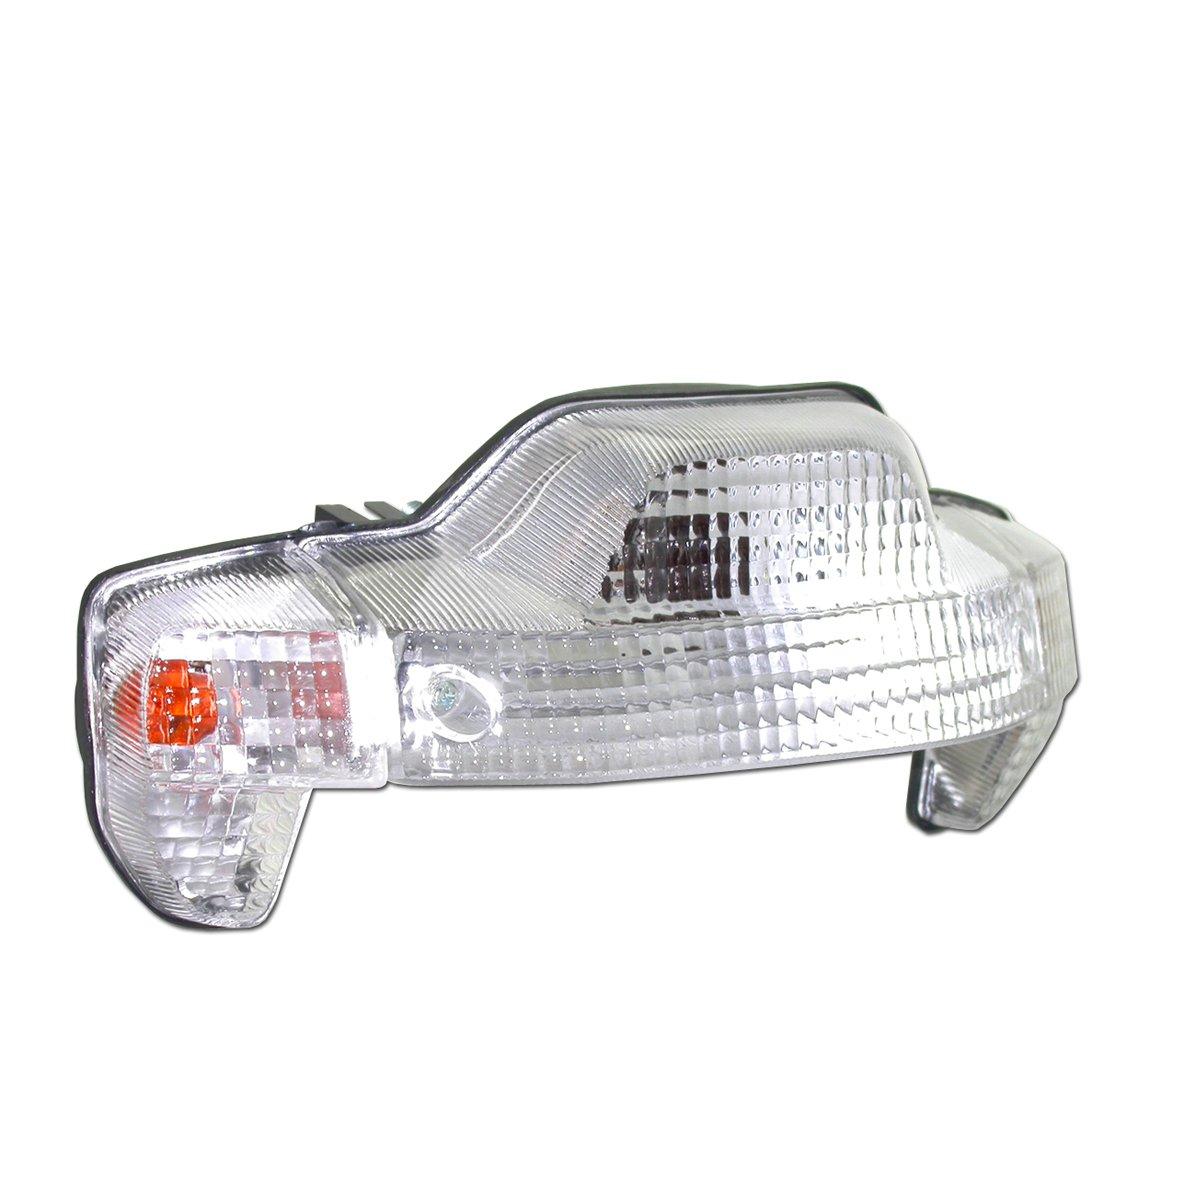 tnttu Booster Adattatore posteriore lampada, trasparente SACIM Distribution 204324